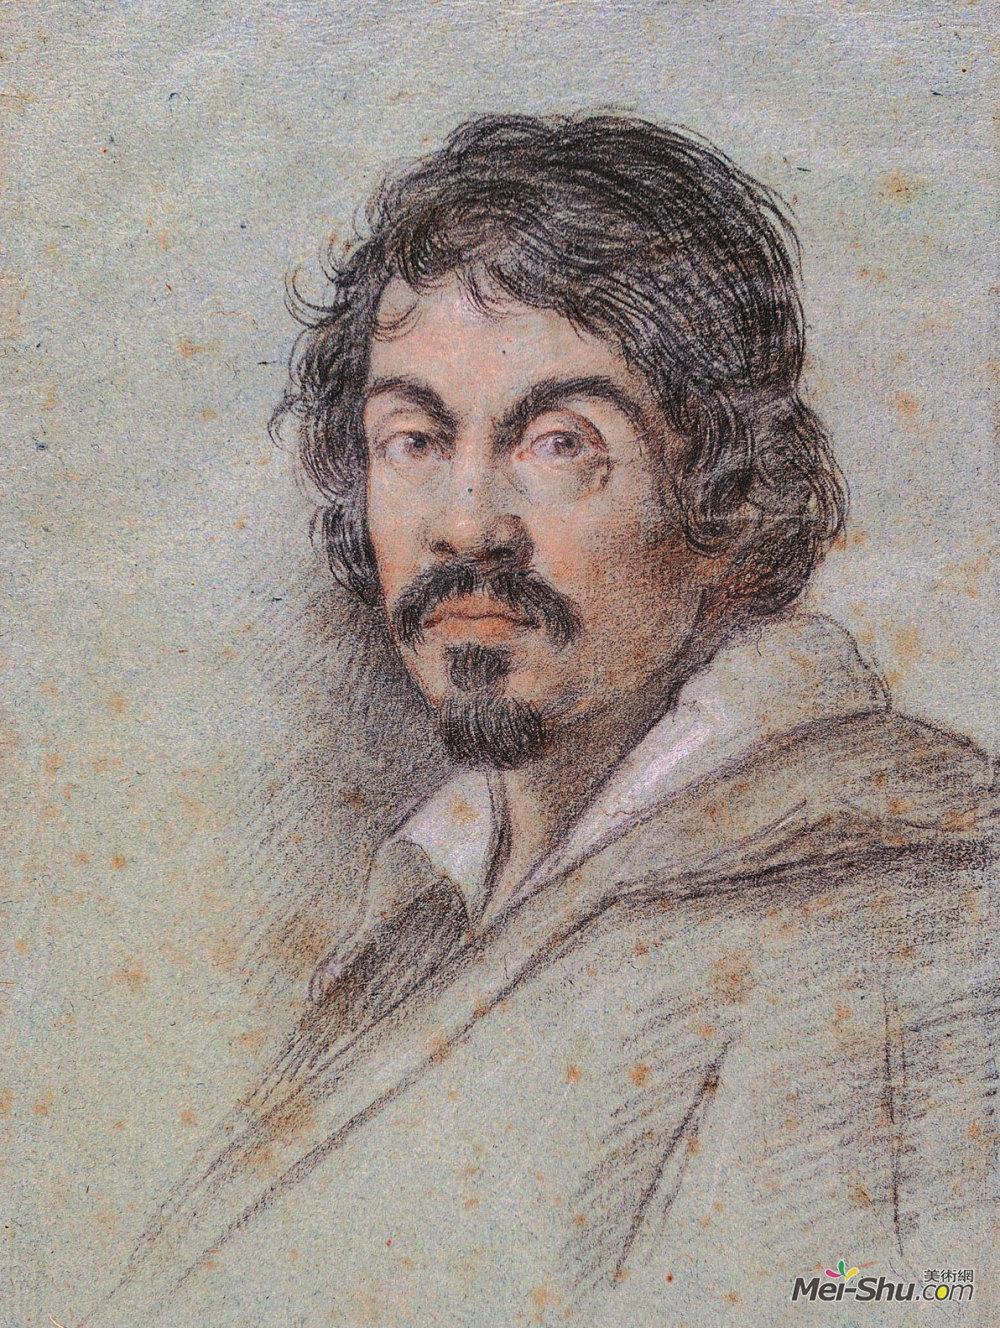 卡拉瓦喬(Caravaggio)